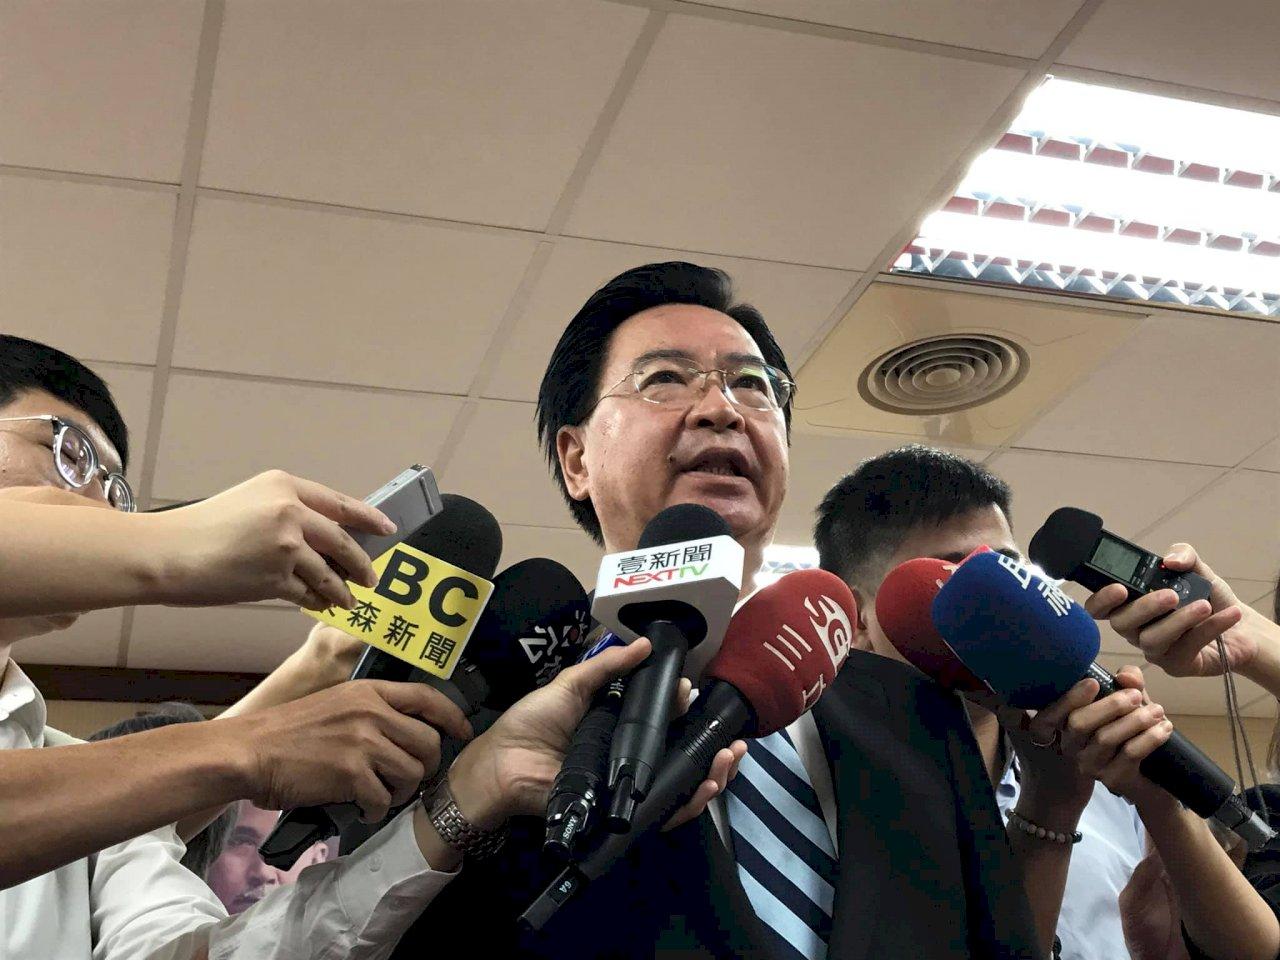 外長吳釗燮訪巴拉圭 深化兩國邦誼